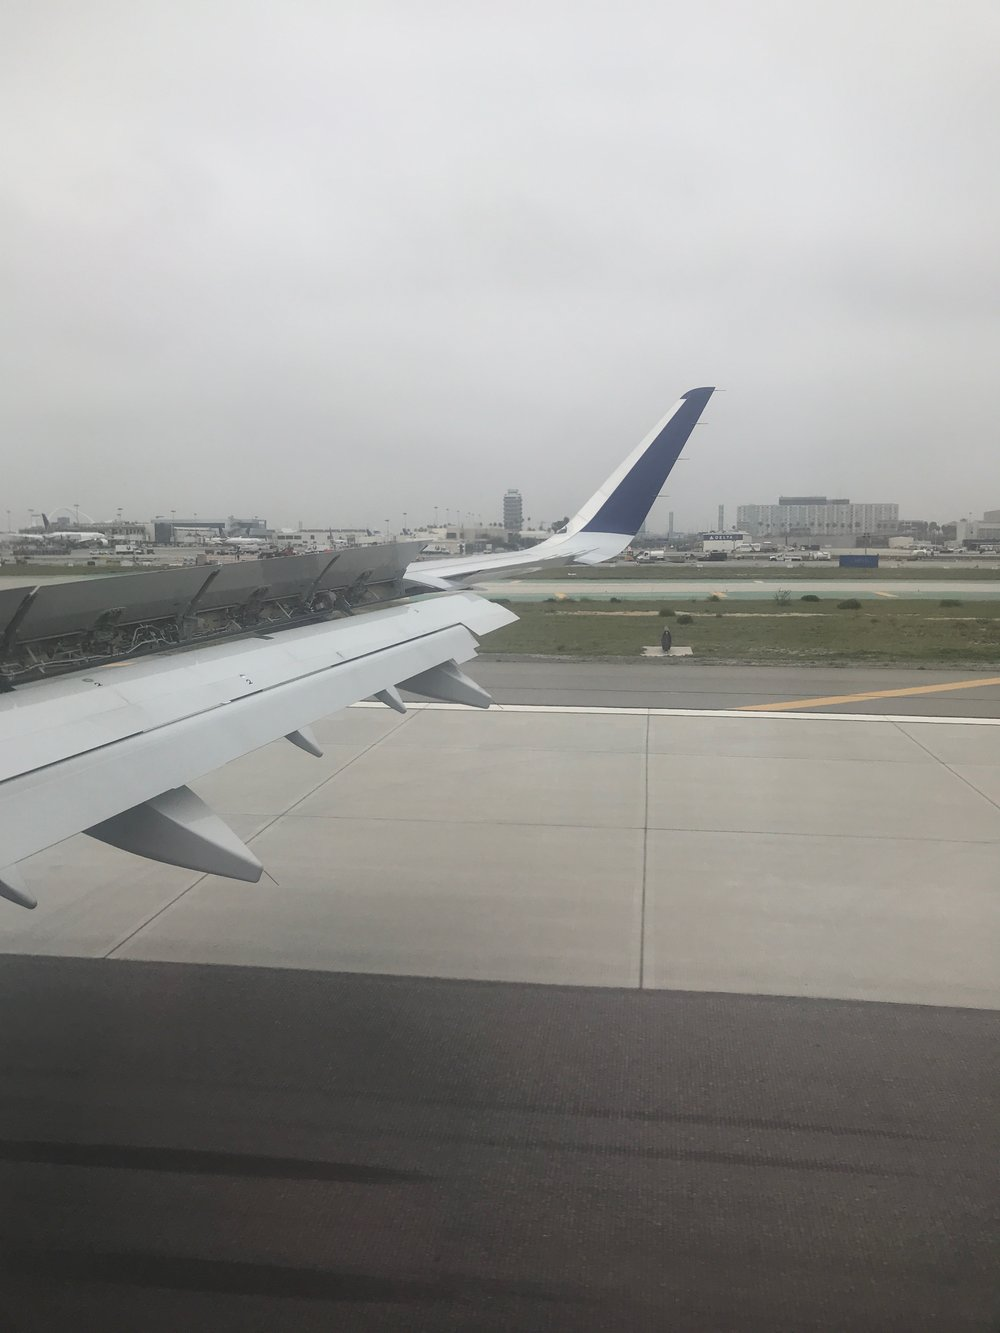 Landing in LA!